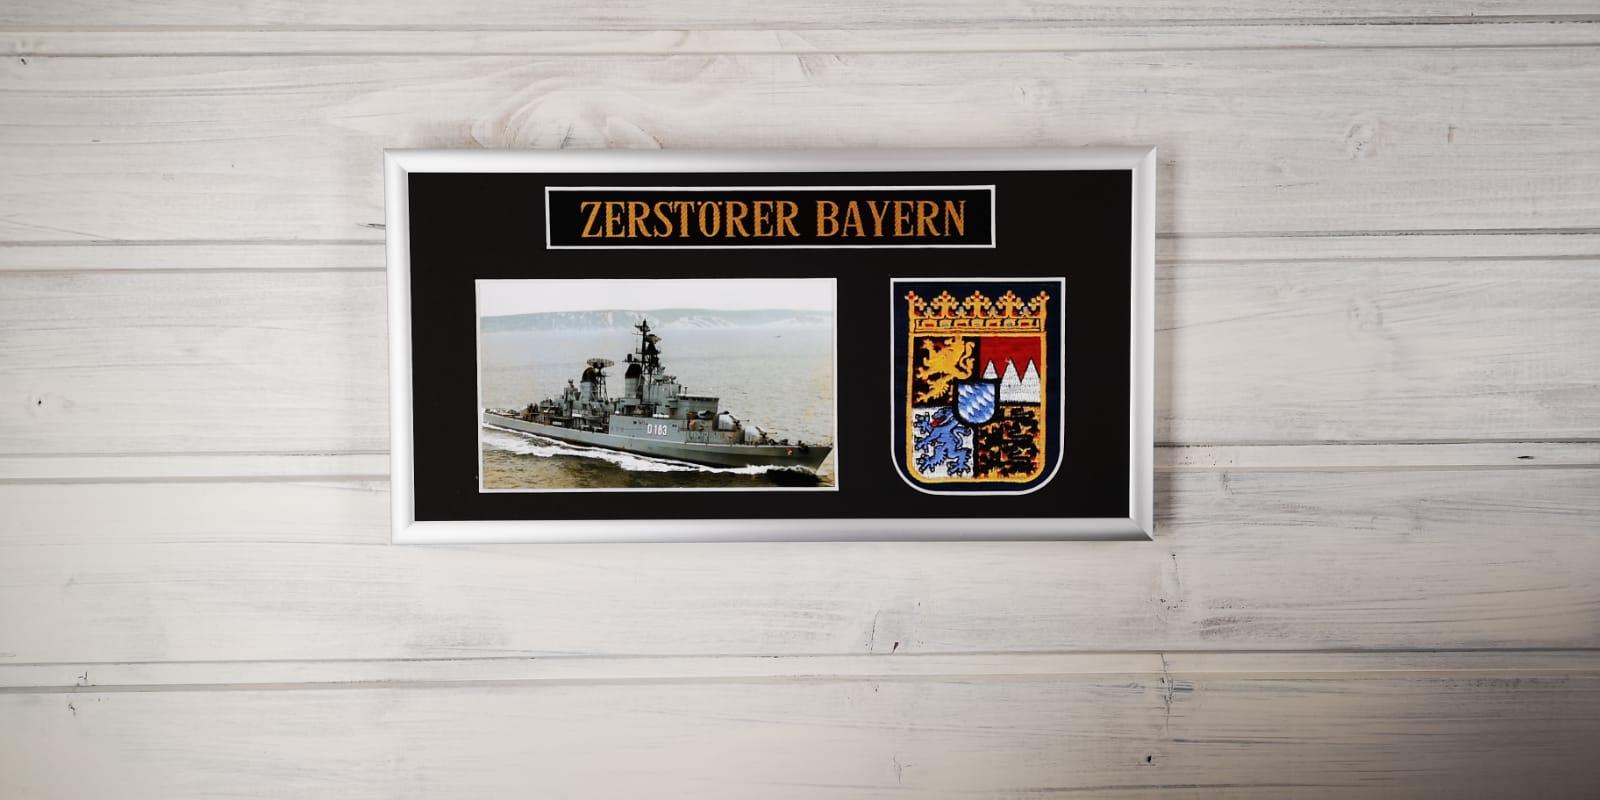 Zerst-rer-BayernbWcv90R4oKYXm